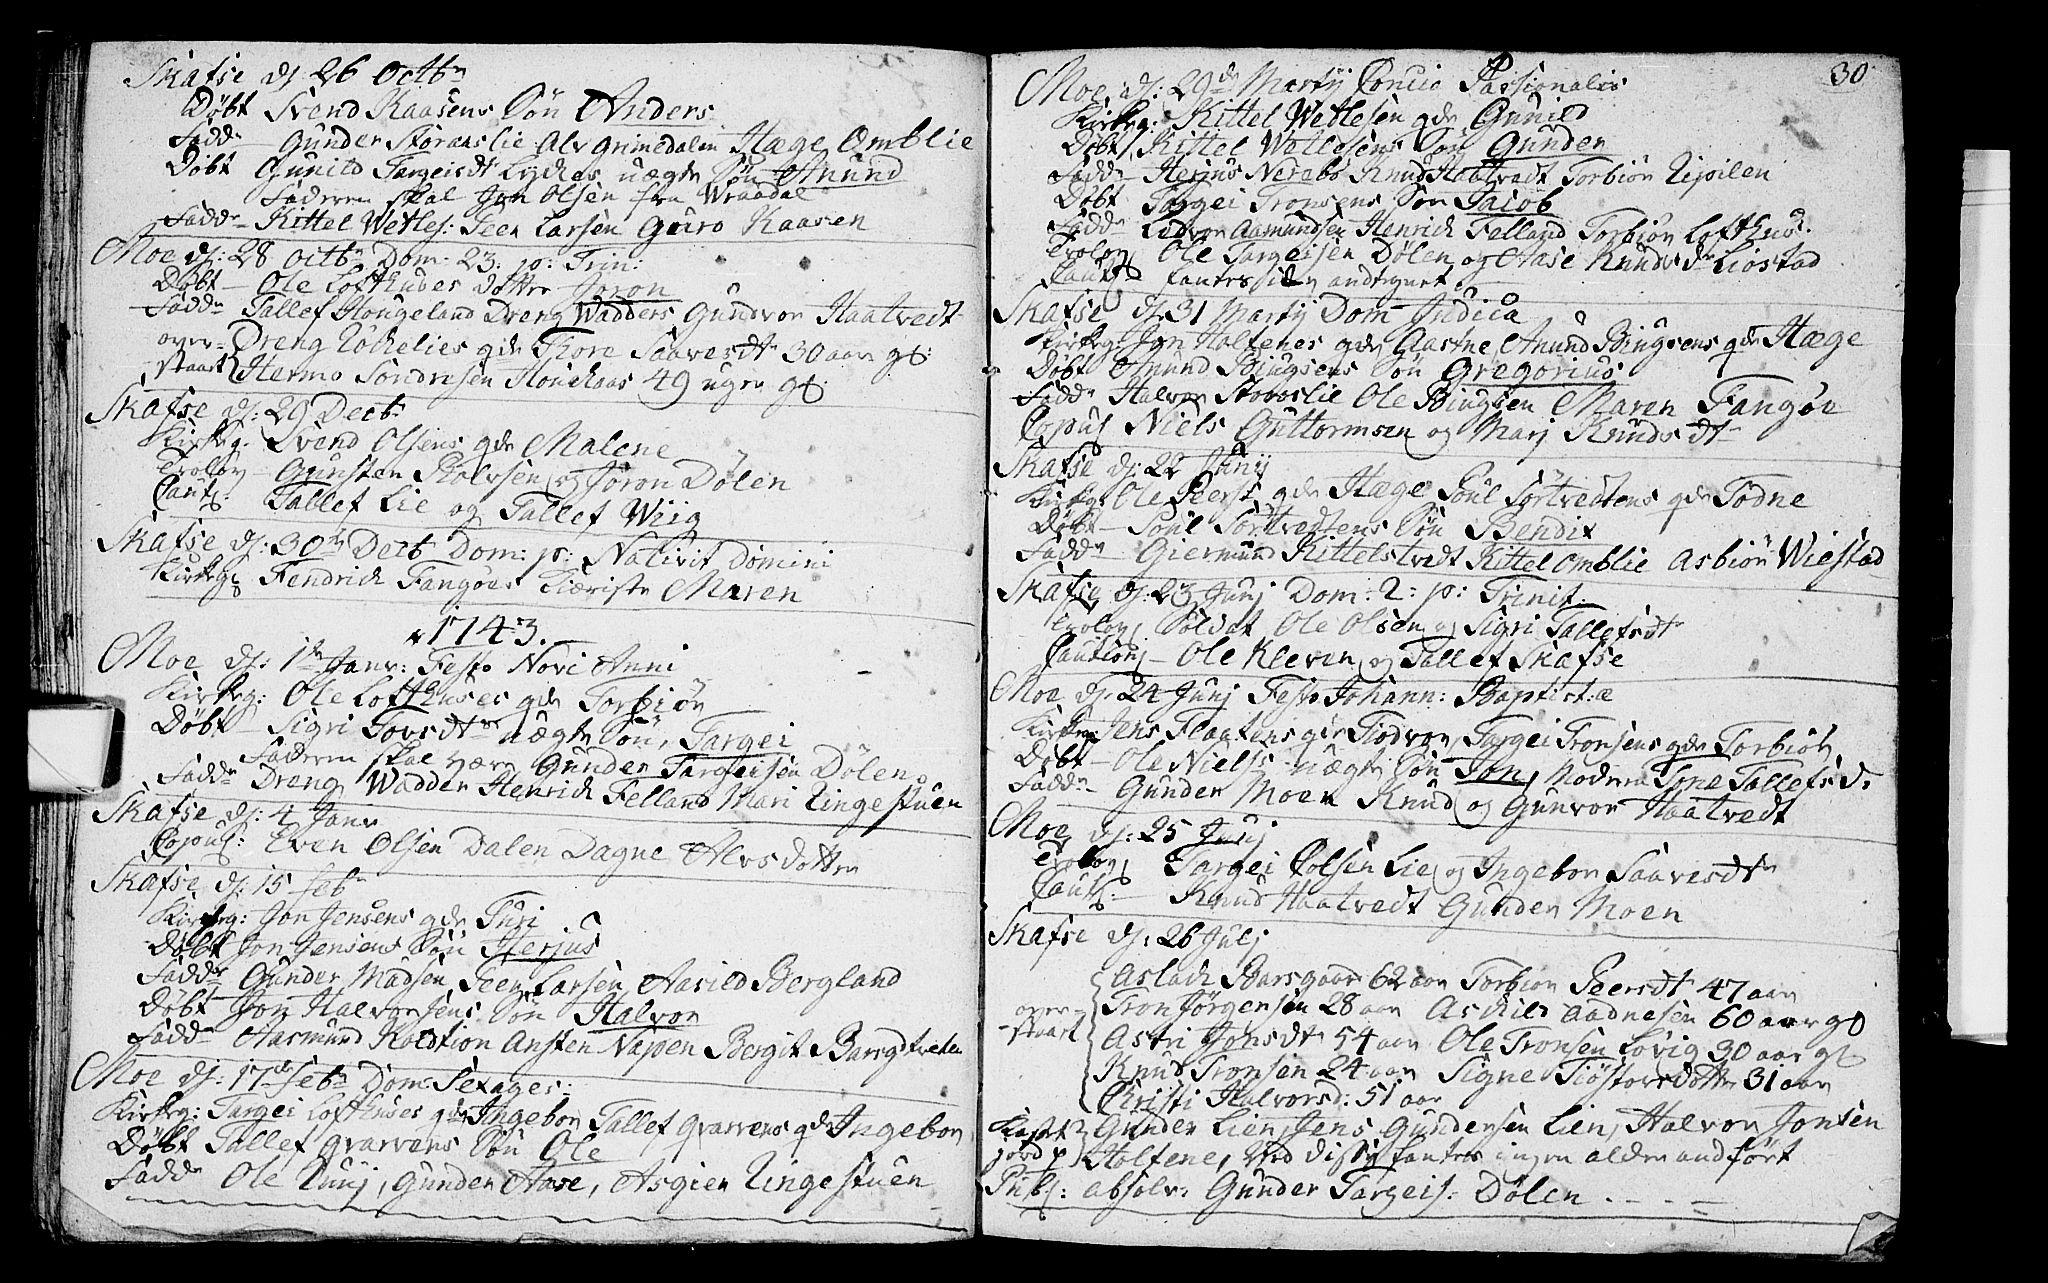 SAKO, Mo kirkebøker, F/Fa/L0001: Ministerialbok nr. I 1, 1724-1748, s. 30